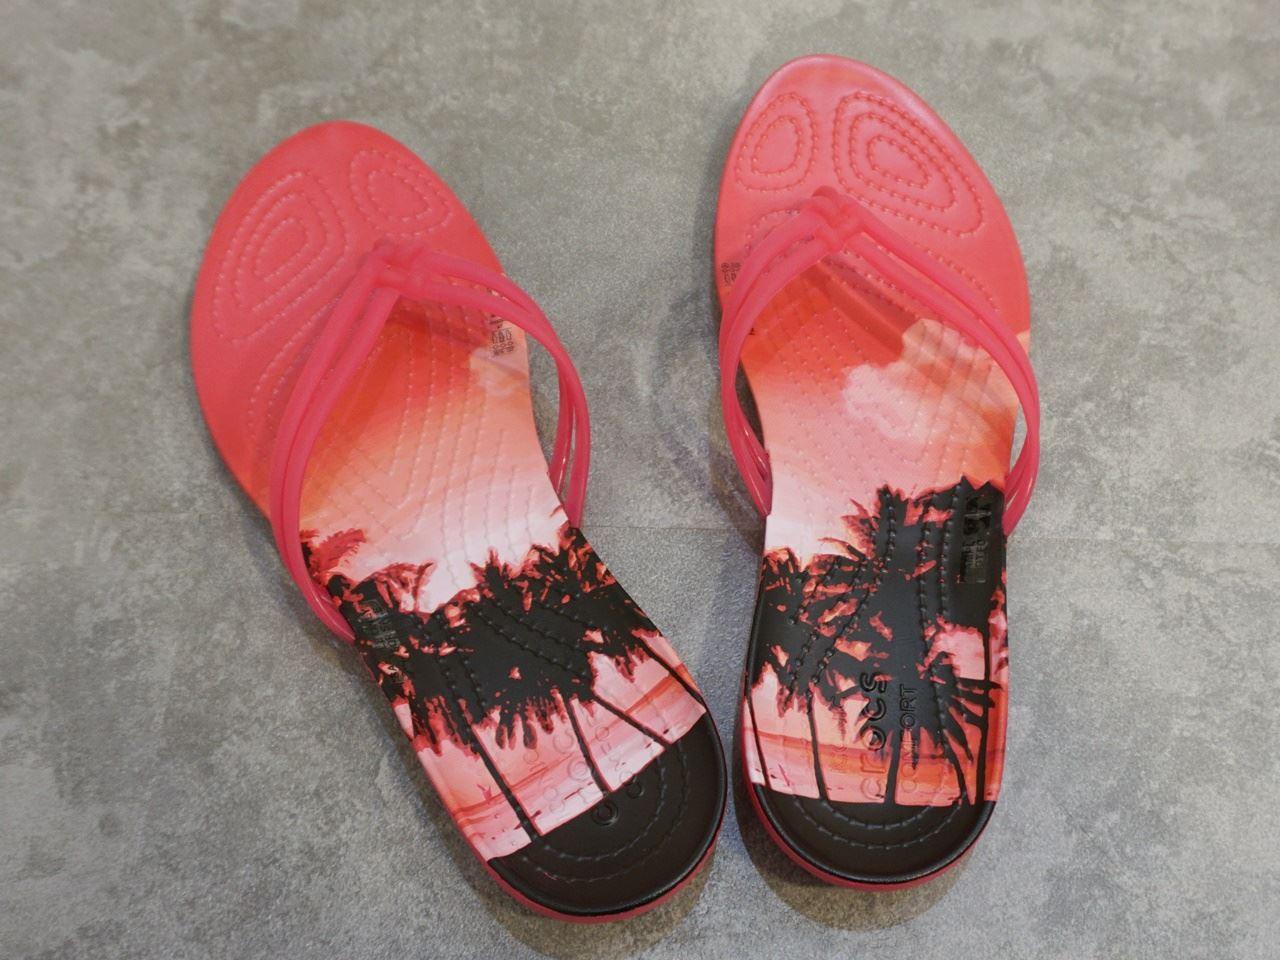 【Crocs(クロックス)】Women's Crocs Isabella Graphic Flip クロックス イザベラ グラフィック フリップ ウィメン